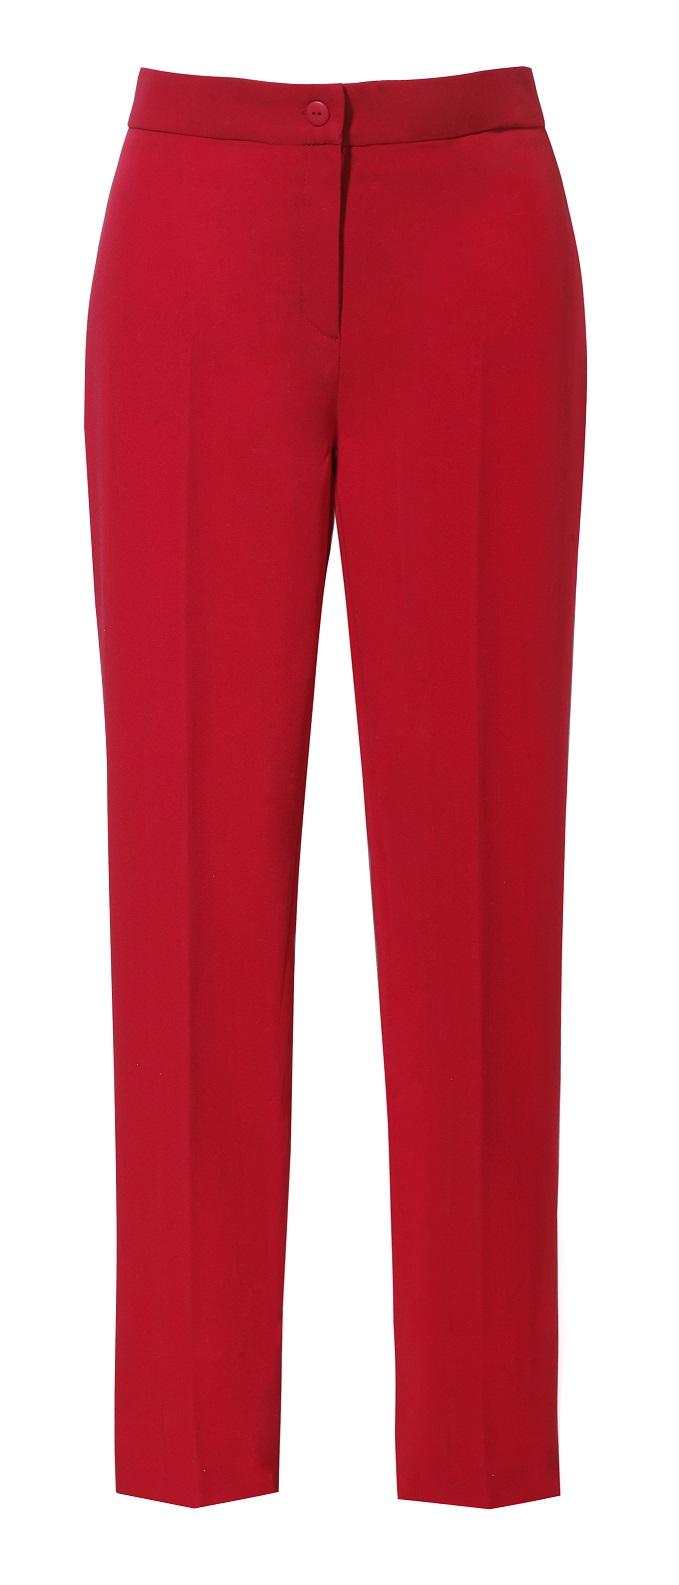 412c7dd5868783 Spodnie cygaretki czerwone - Zaquad